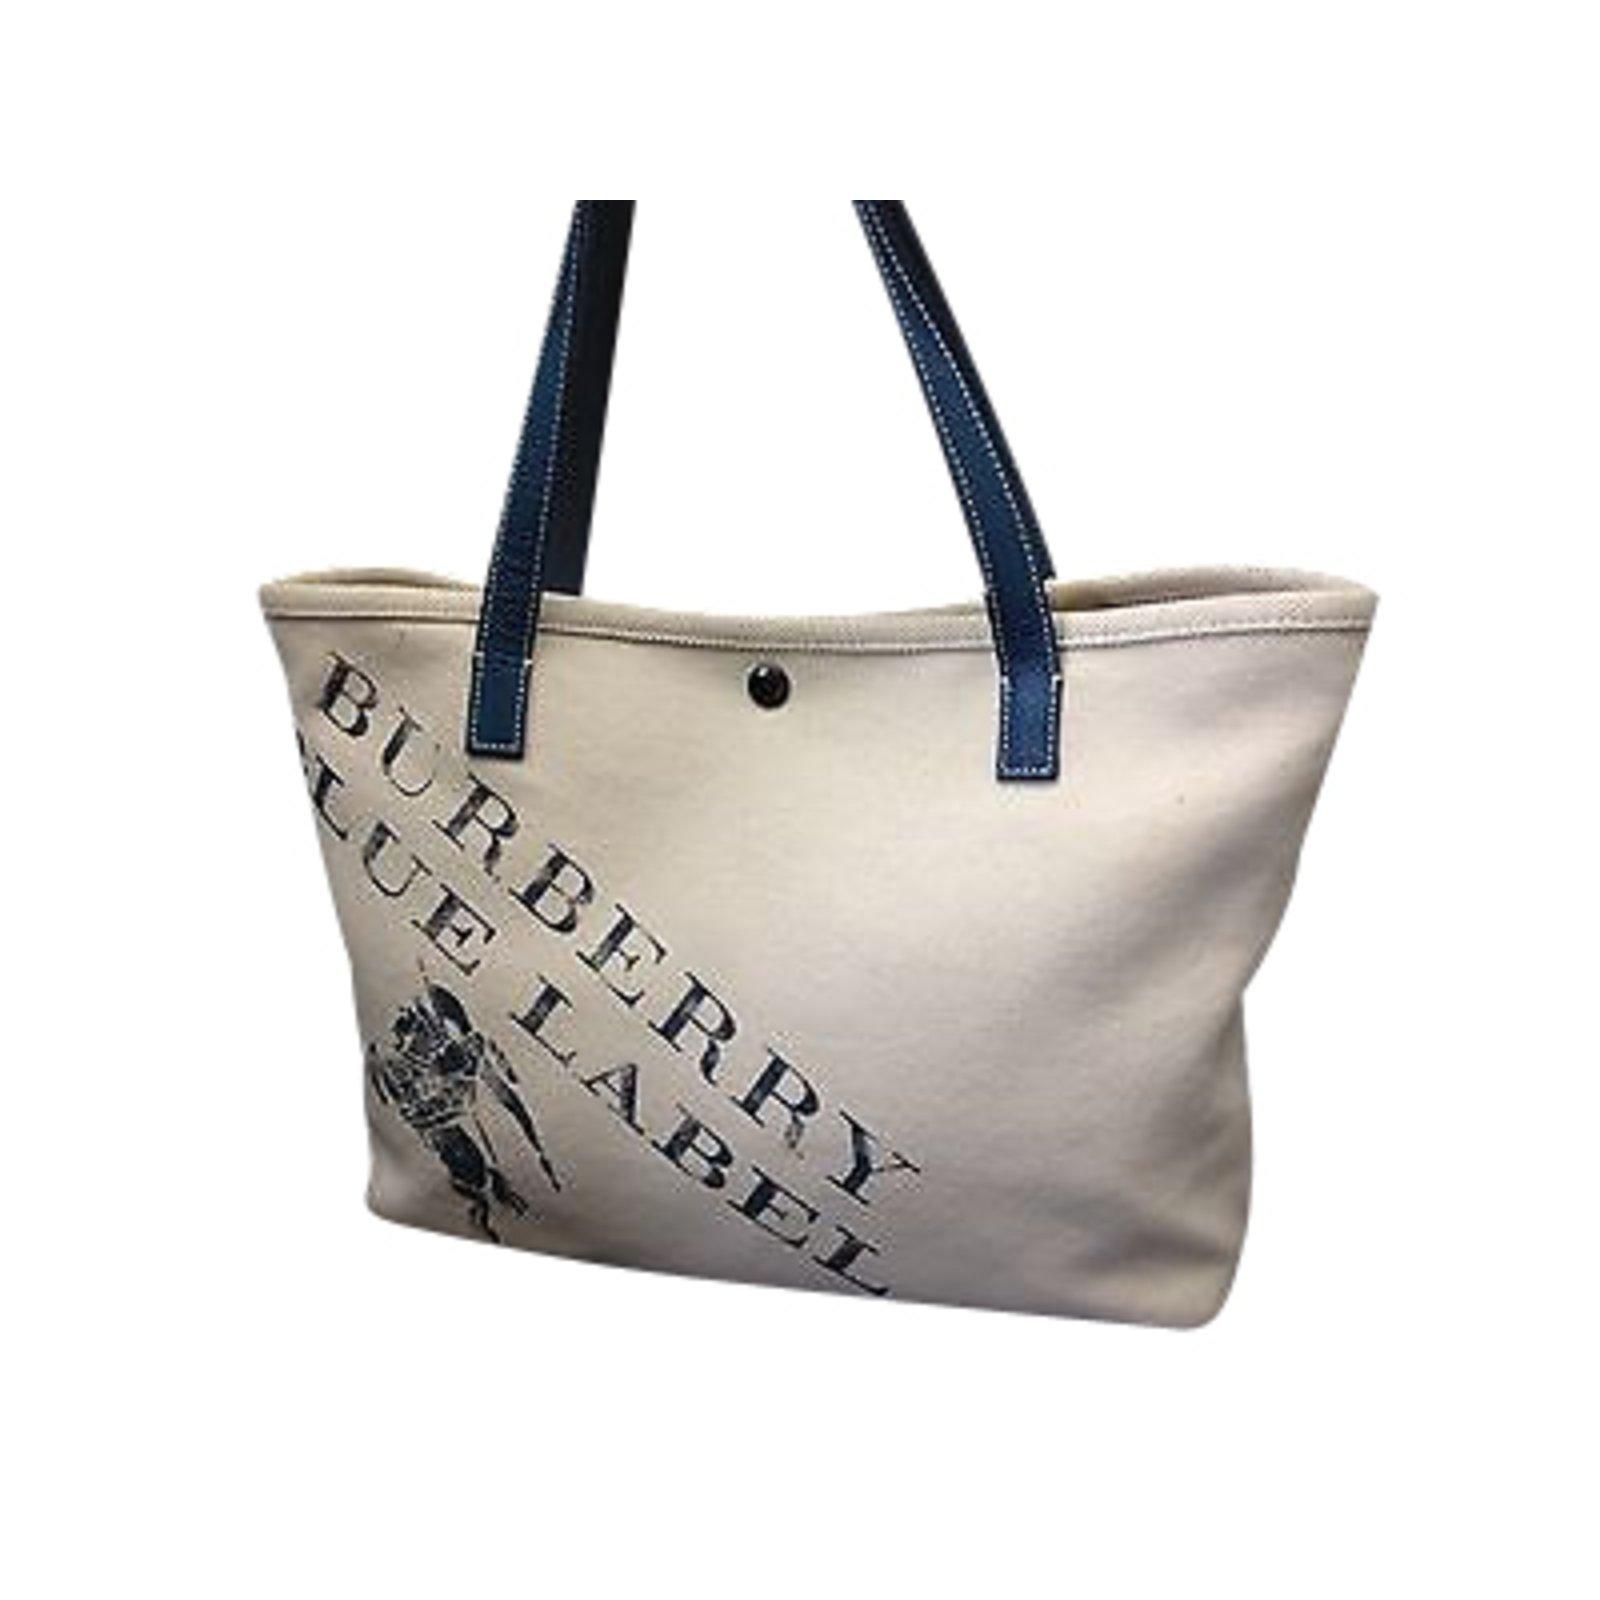 7b1abe24246c Burberry Blue Label Shoulder Bag Handbags Cotton Beige ref.91148 ...